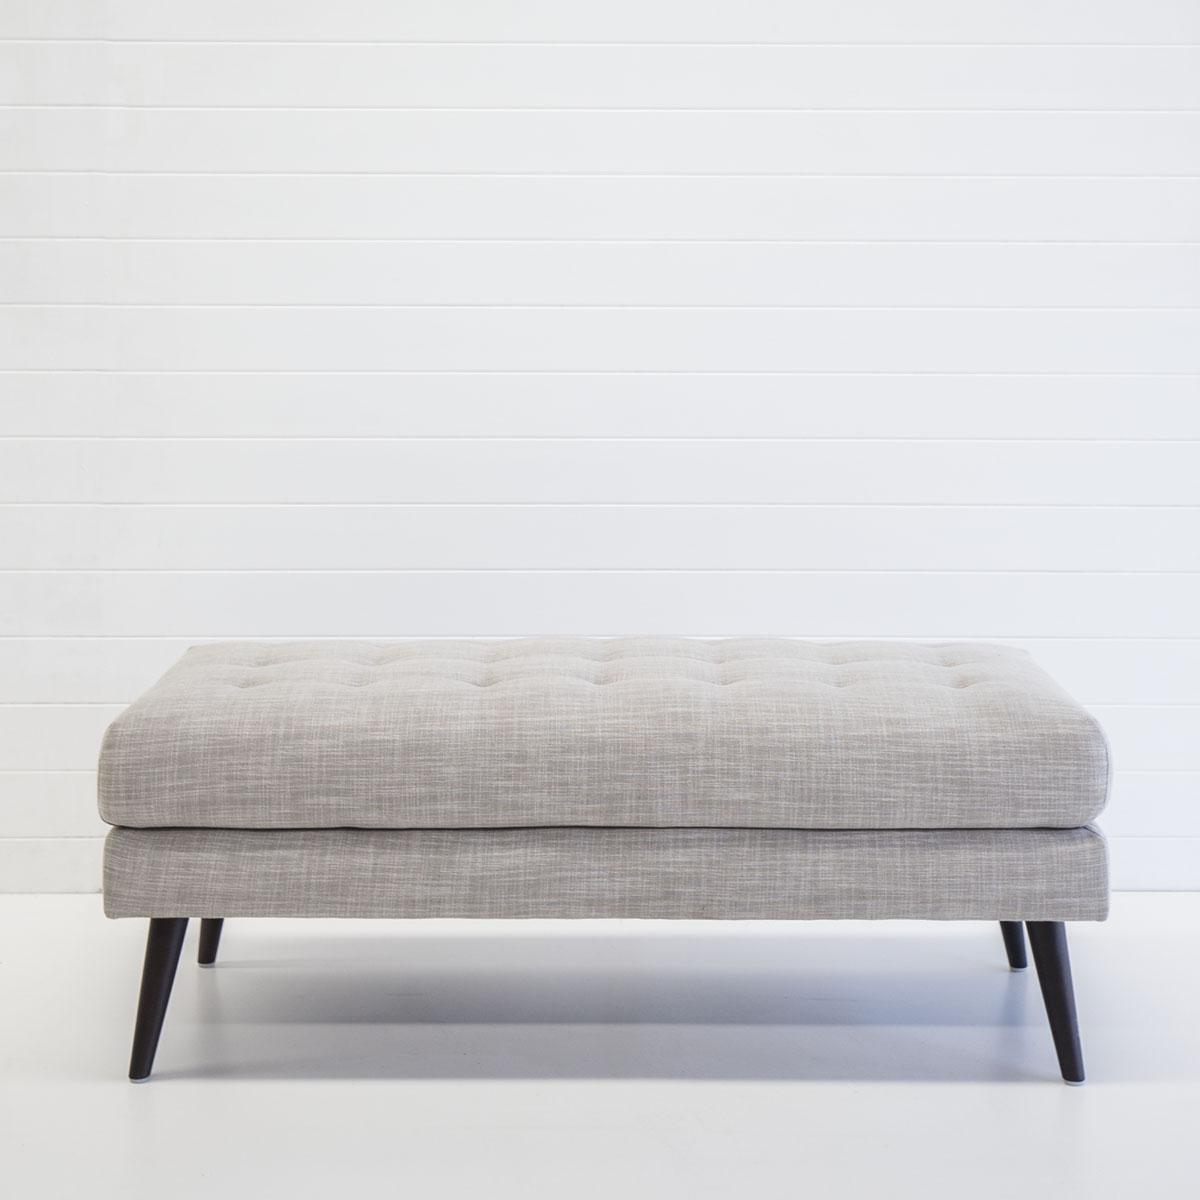 Linen bench ottoman